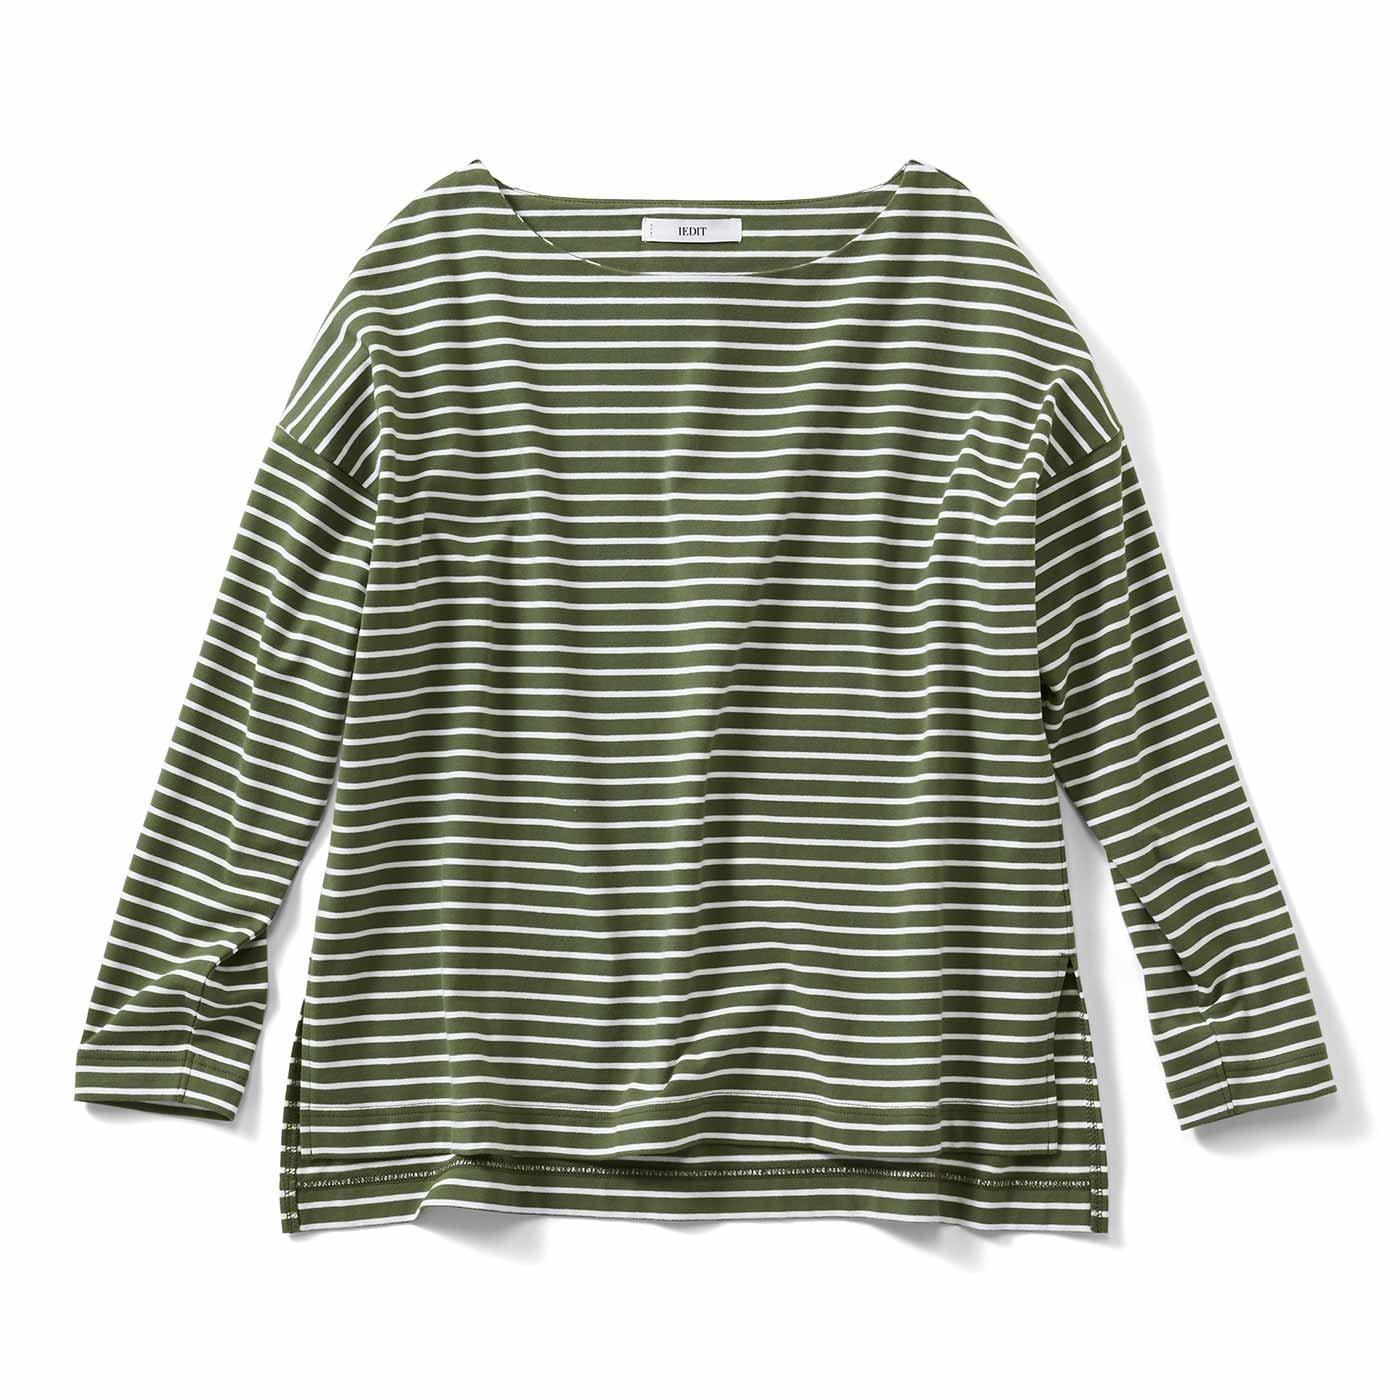 IEDIT[イディット] 福田麻琴さんコラボ ピッチにこだわった大人ゆるボーダーTシャツ〈セージグリーン〉